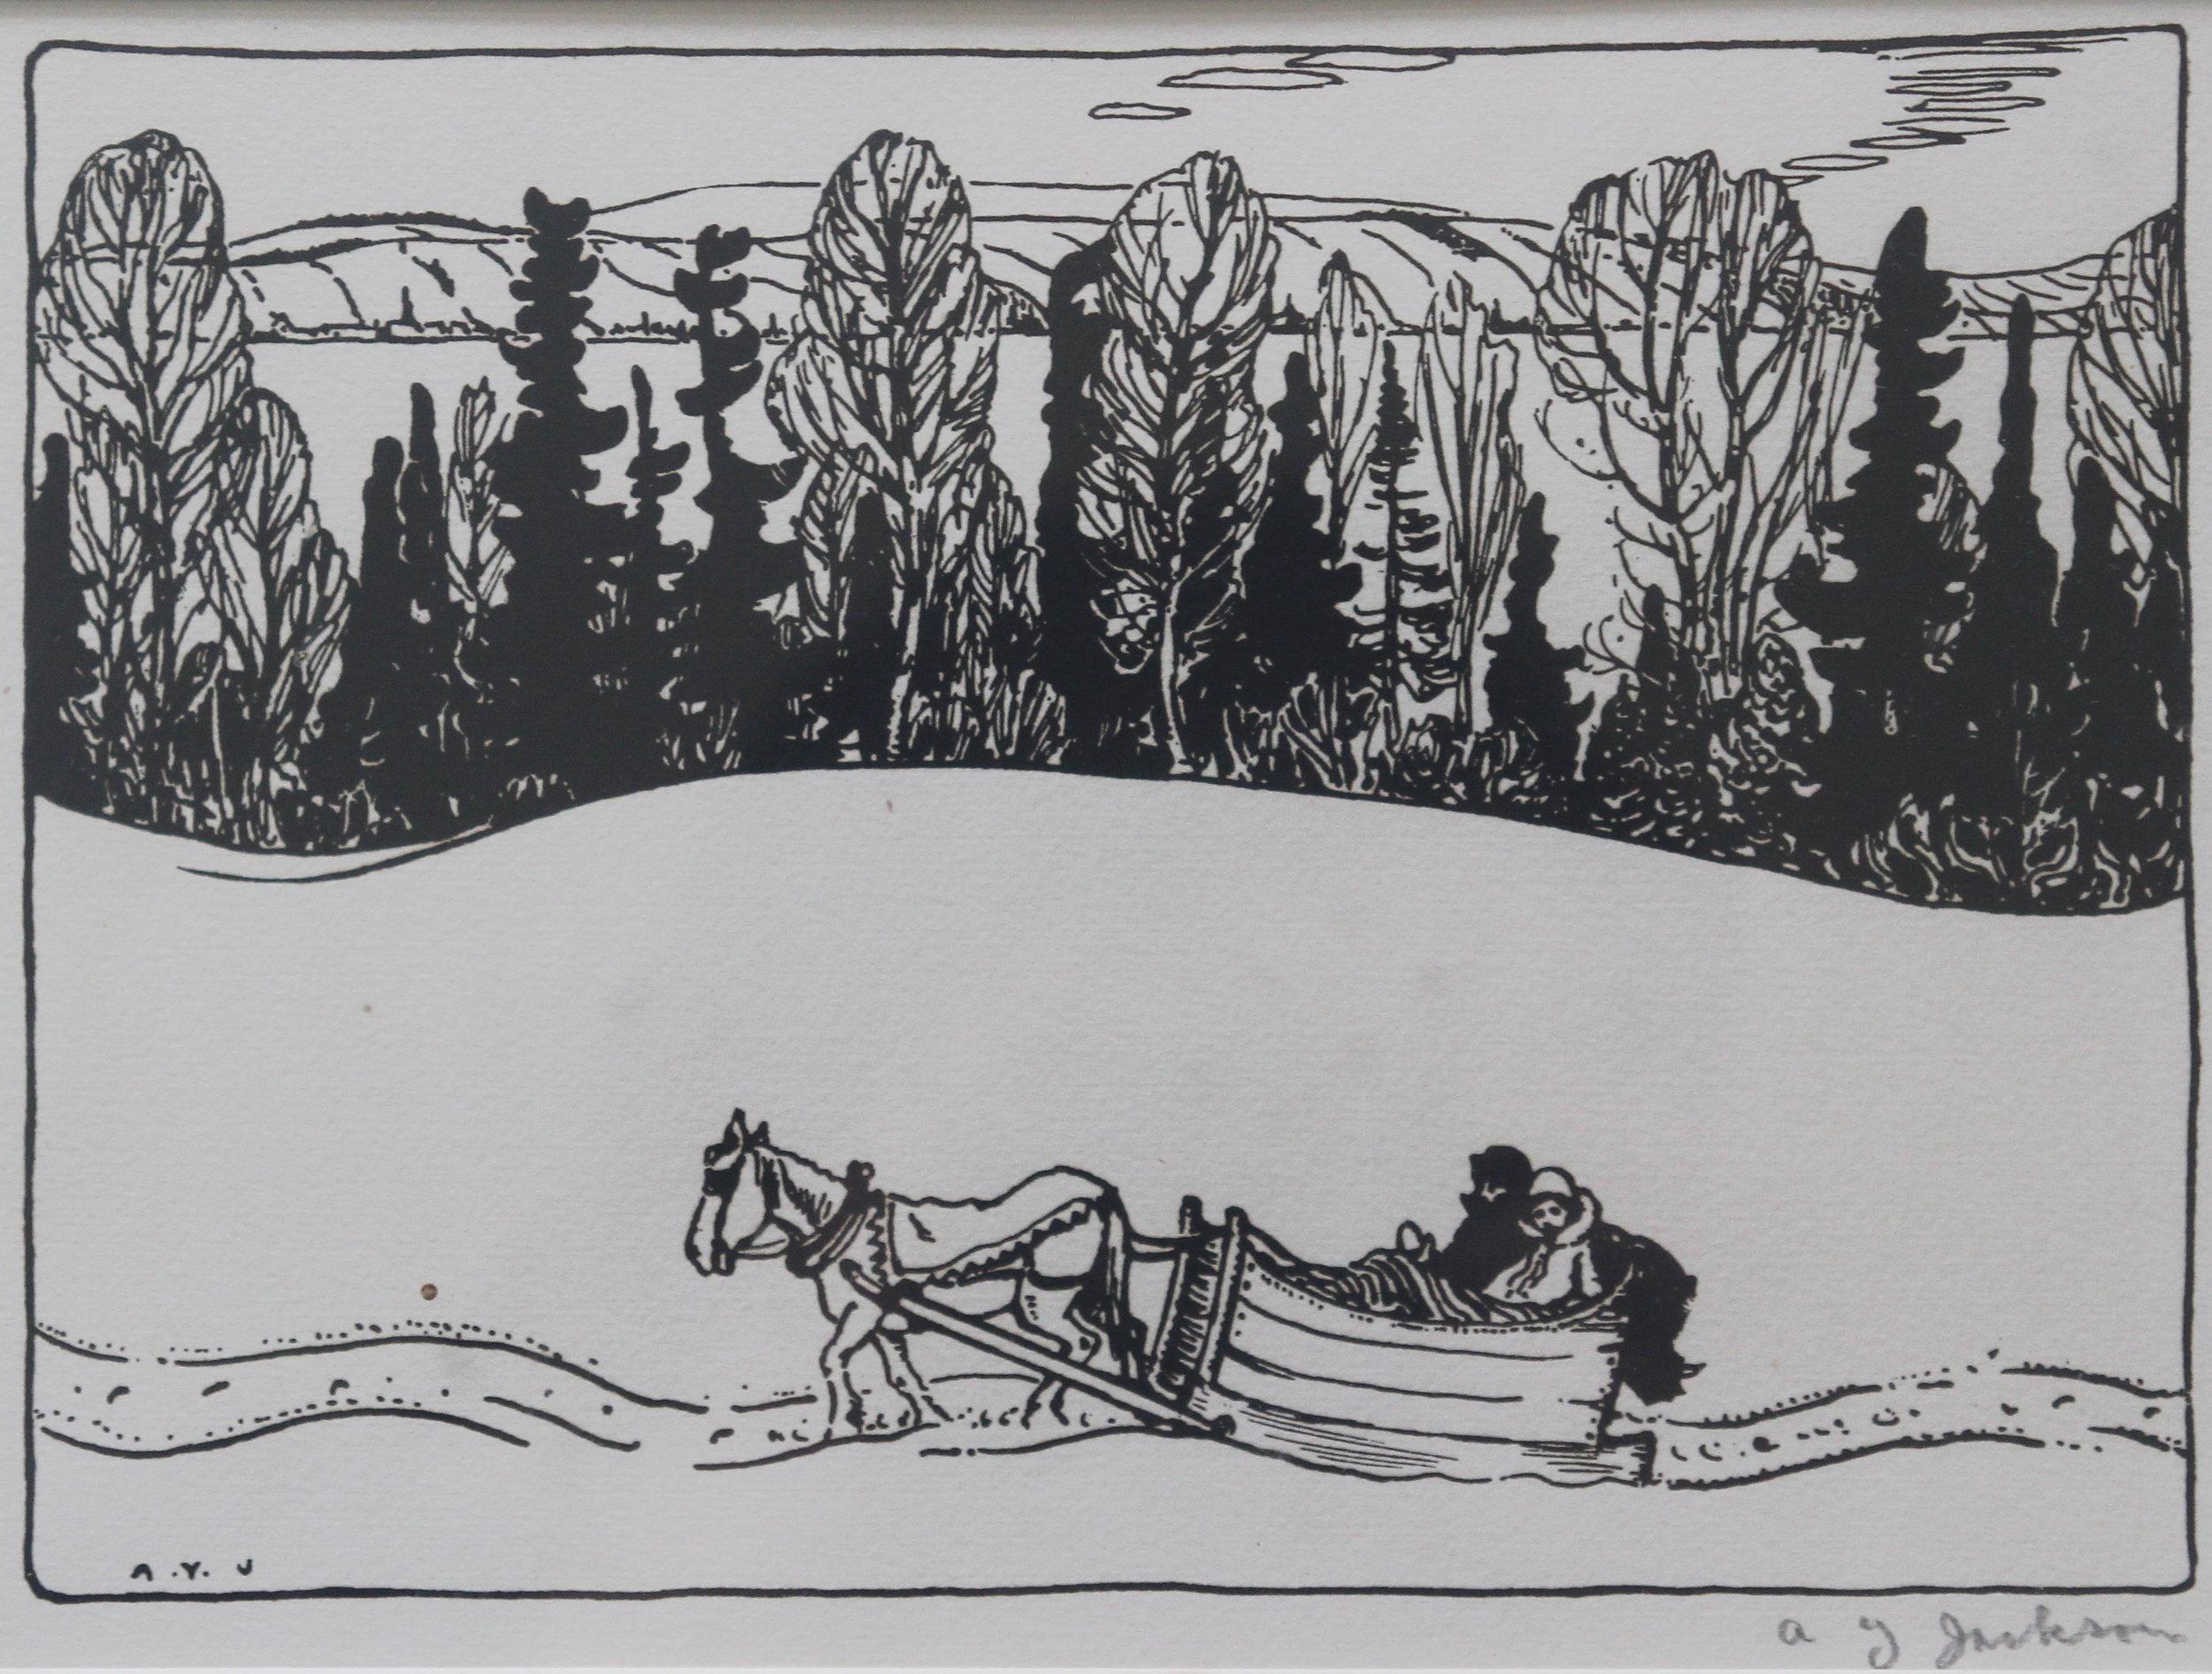 A.Y. Jackson, Winter in Quebec, 1925